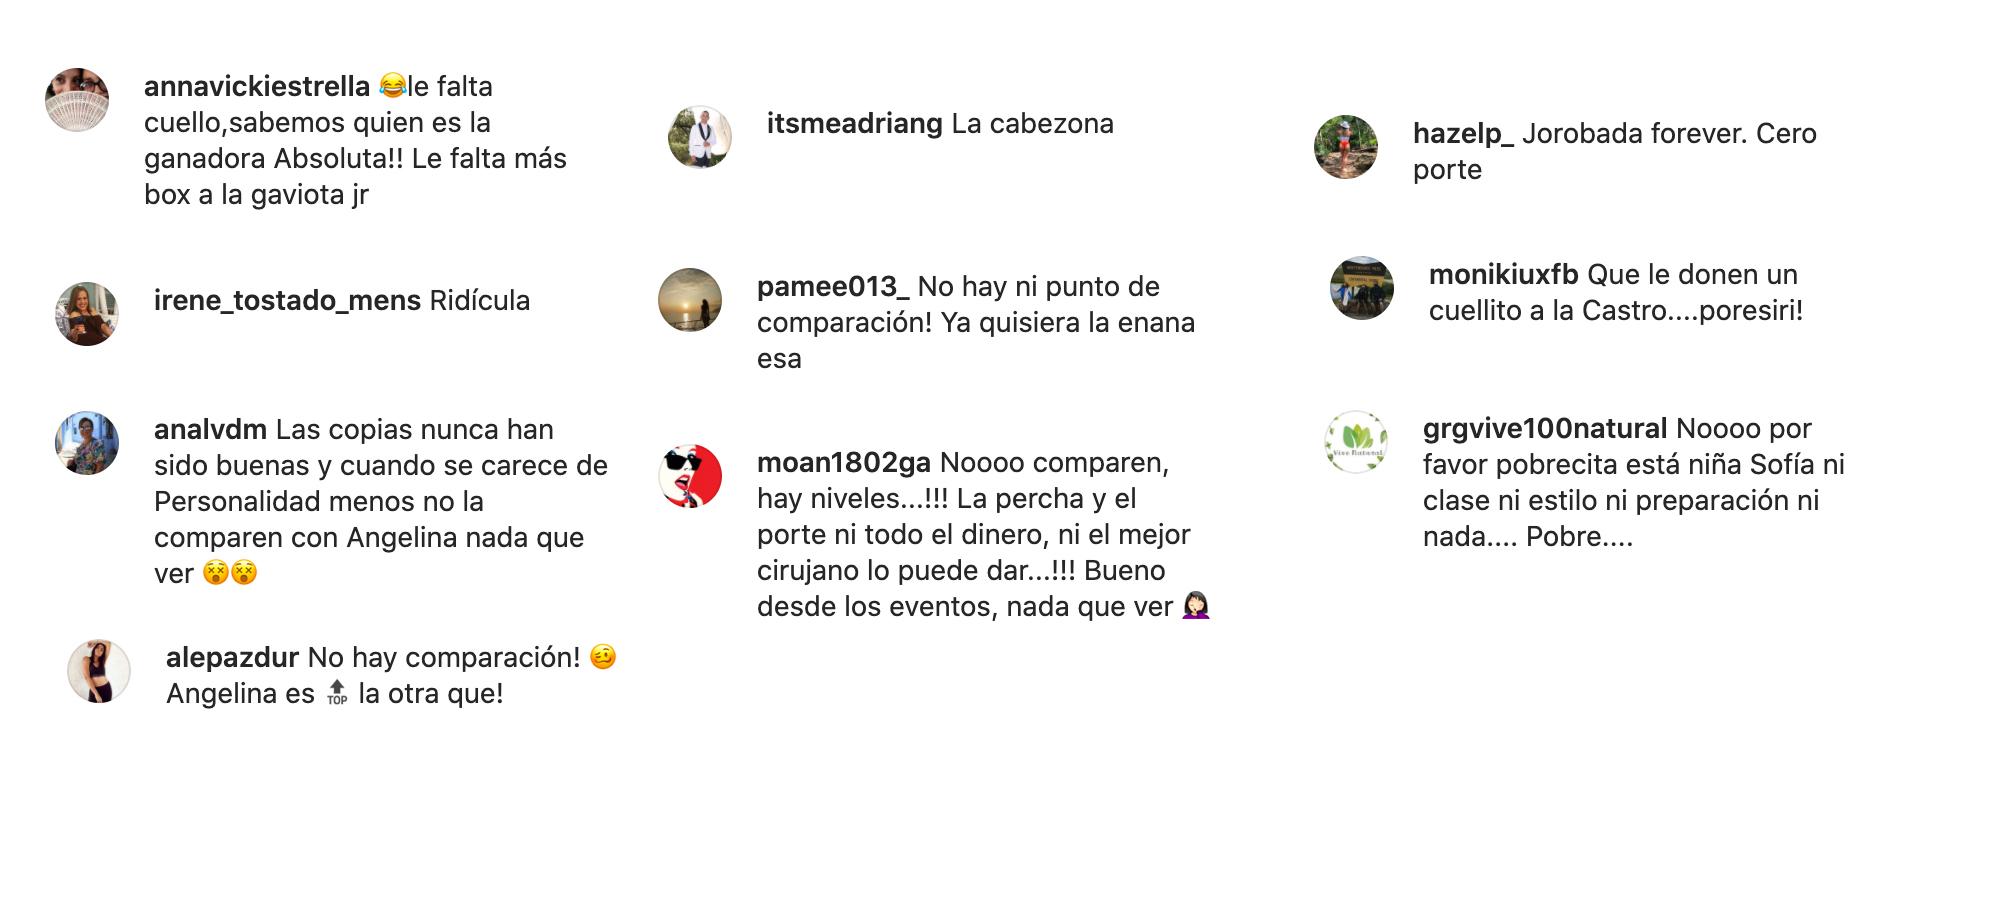 Comentarios negativos a Sofía Castro